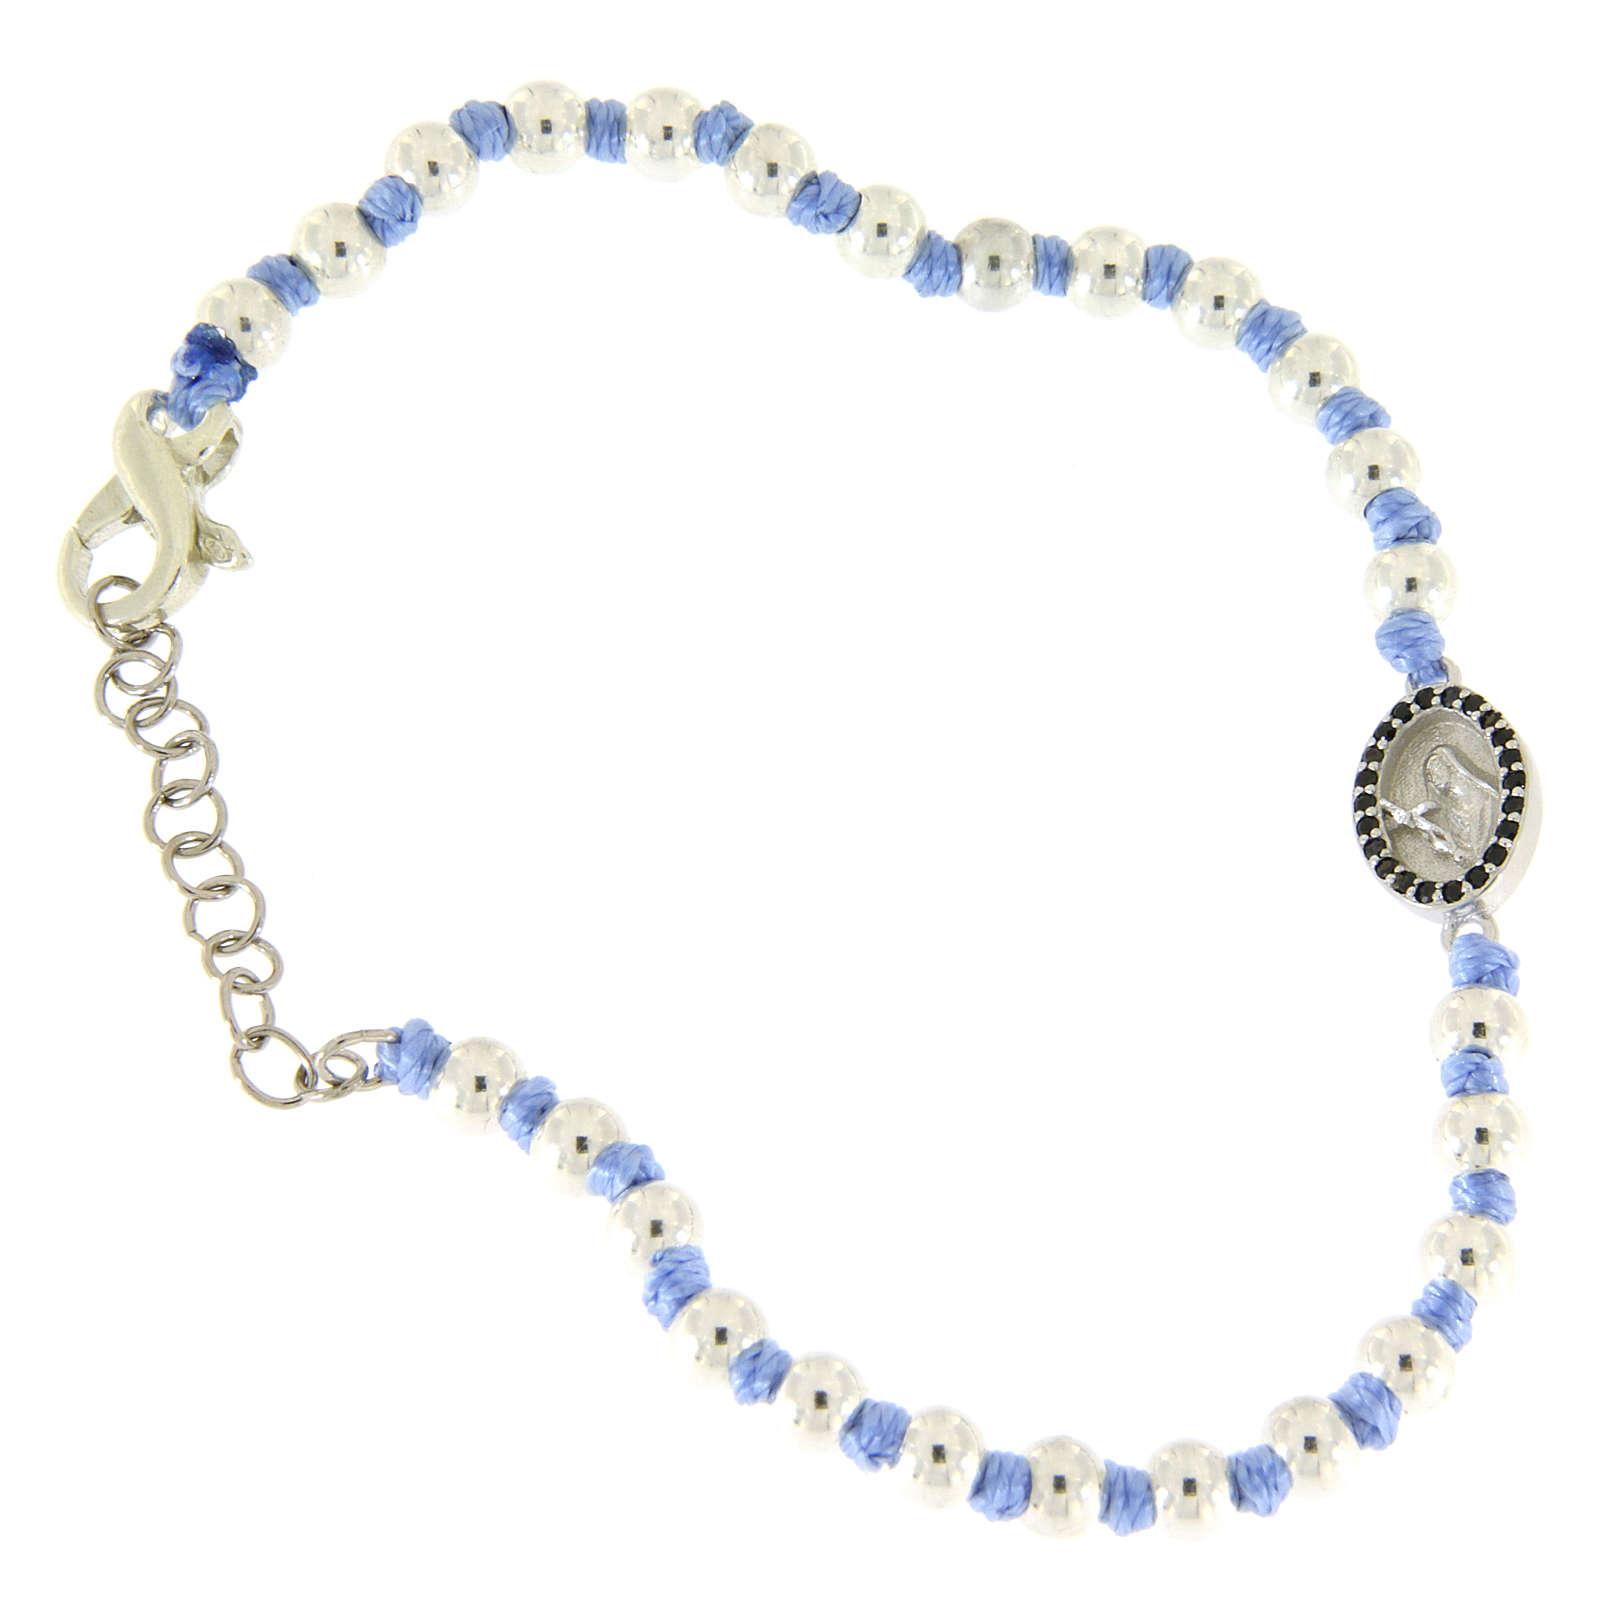 Bracciale medaglietta S. Rita argento e zirconi neri, sfere argento 3 mm inserite in cordina azzurra 4